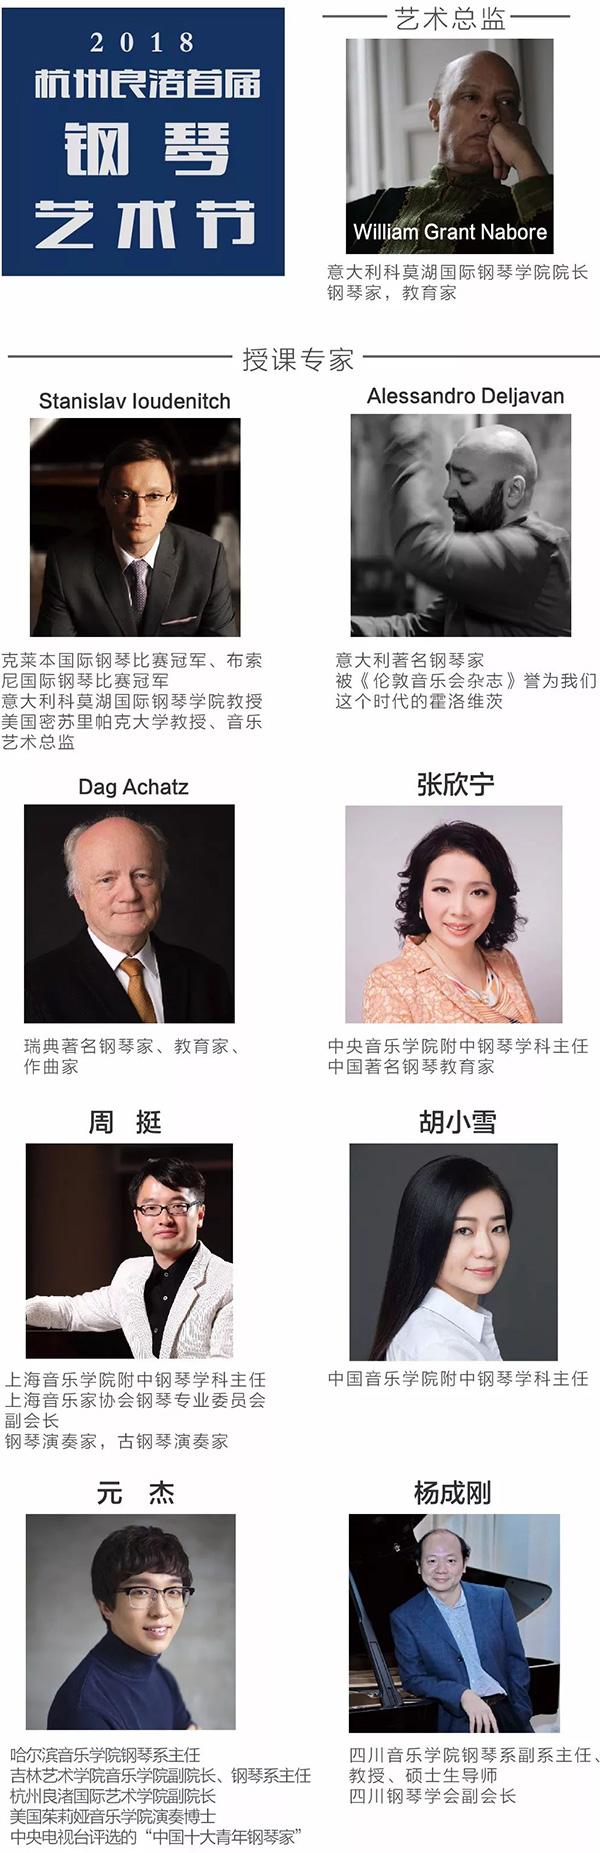 2018首届杭州良渚钢琴艺术节授课专家